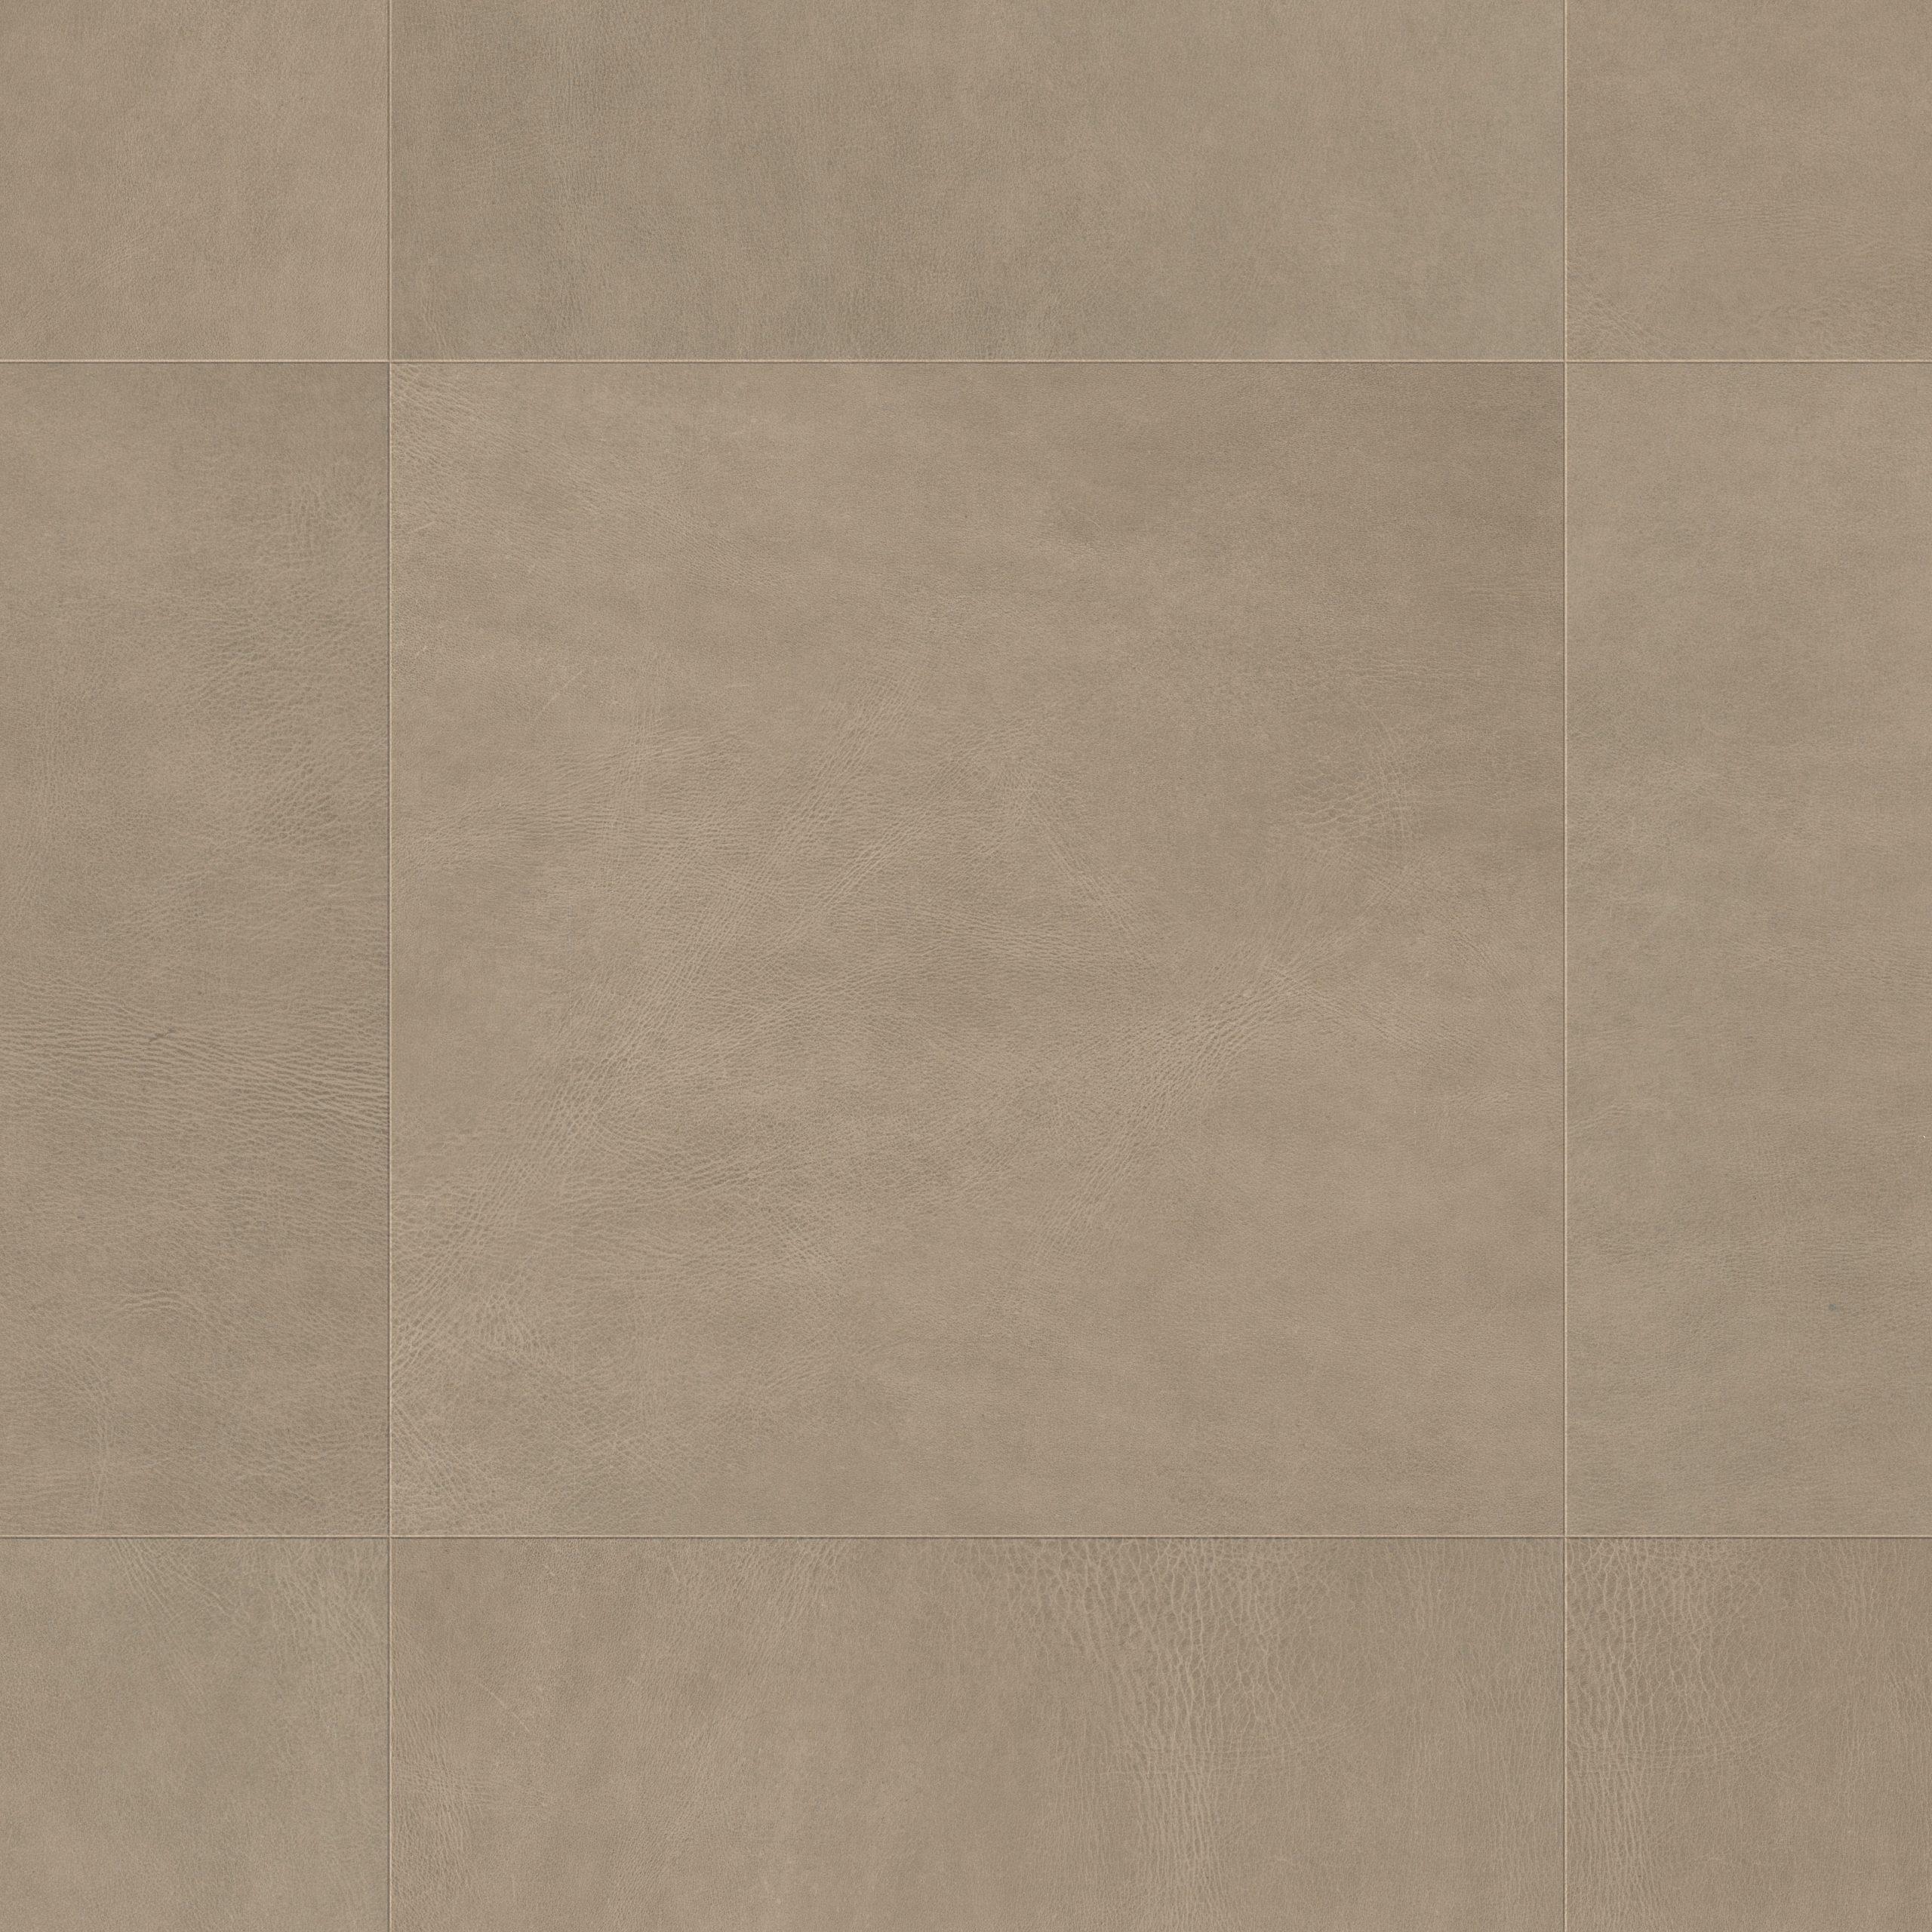 UF1402_Topshot-Square HR